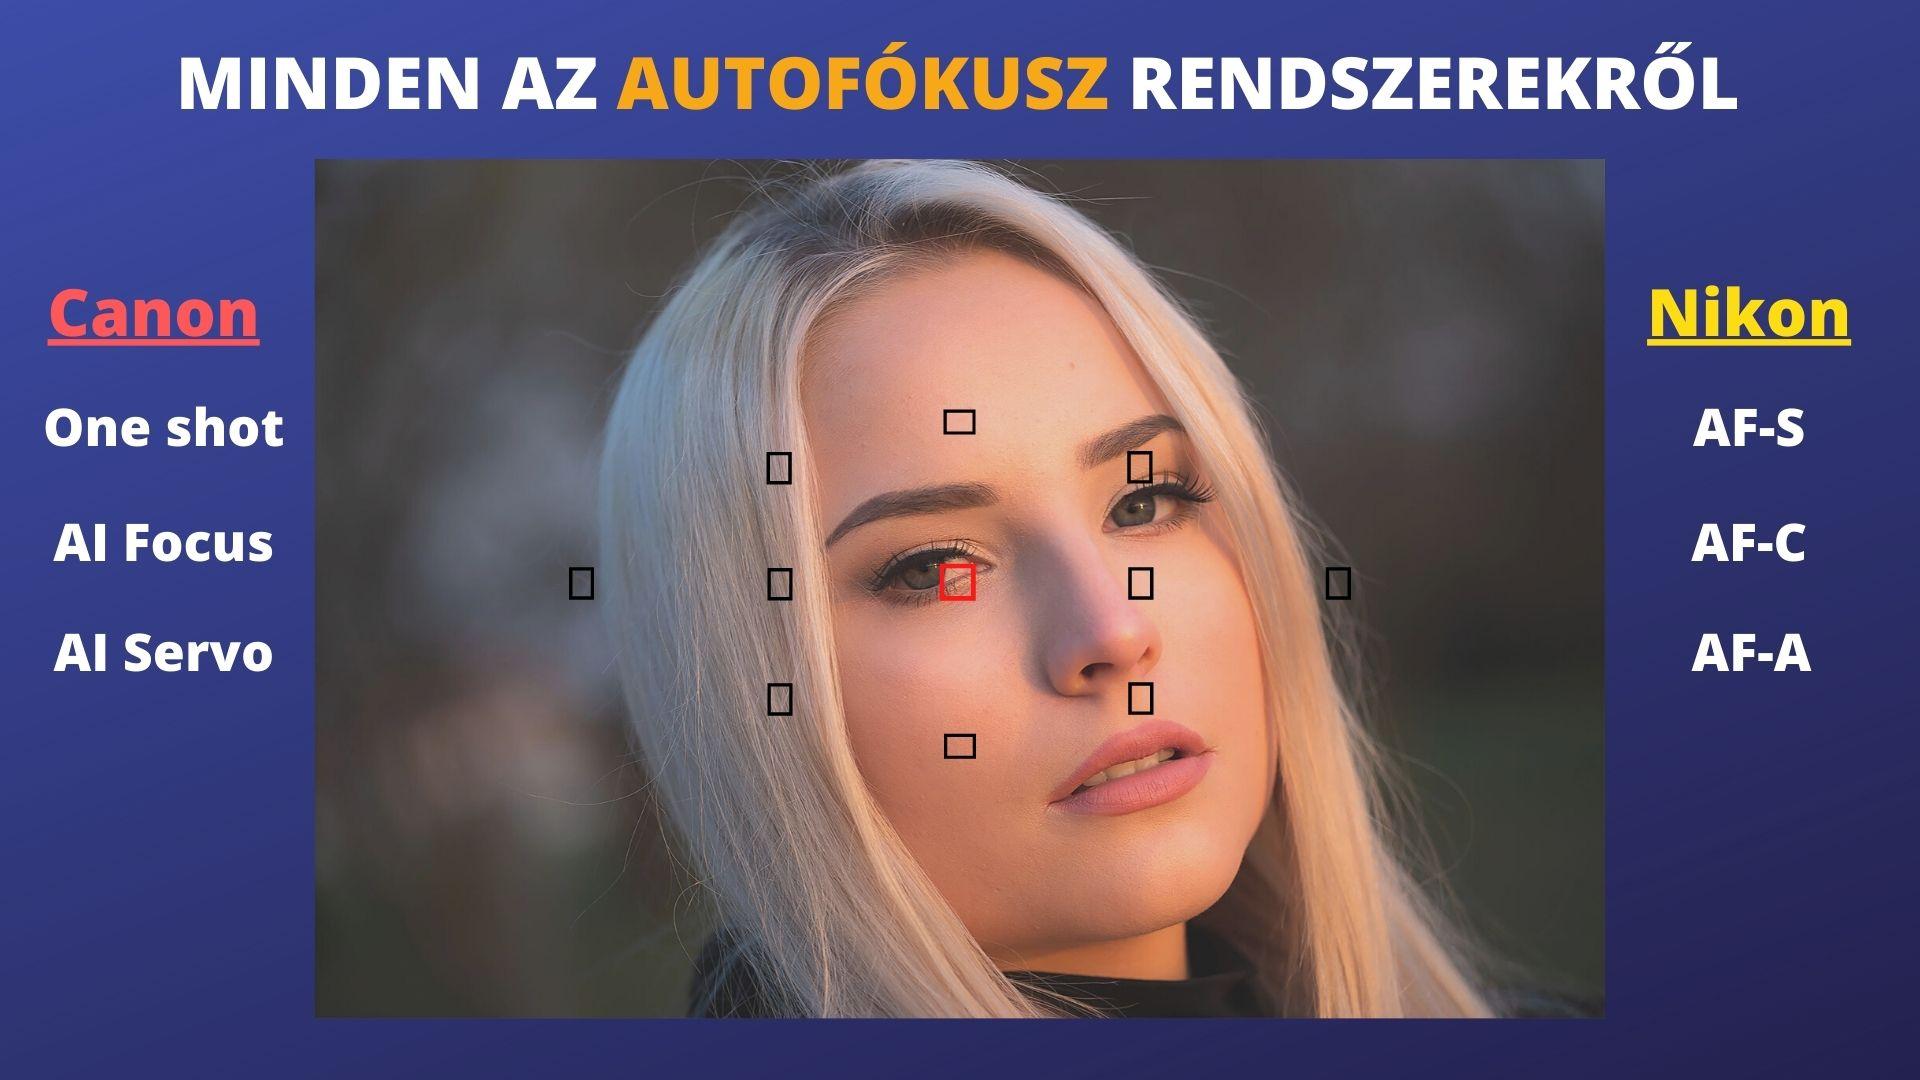 tükörreflexes fényképezőgépek autofókusz módjai